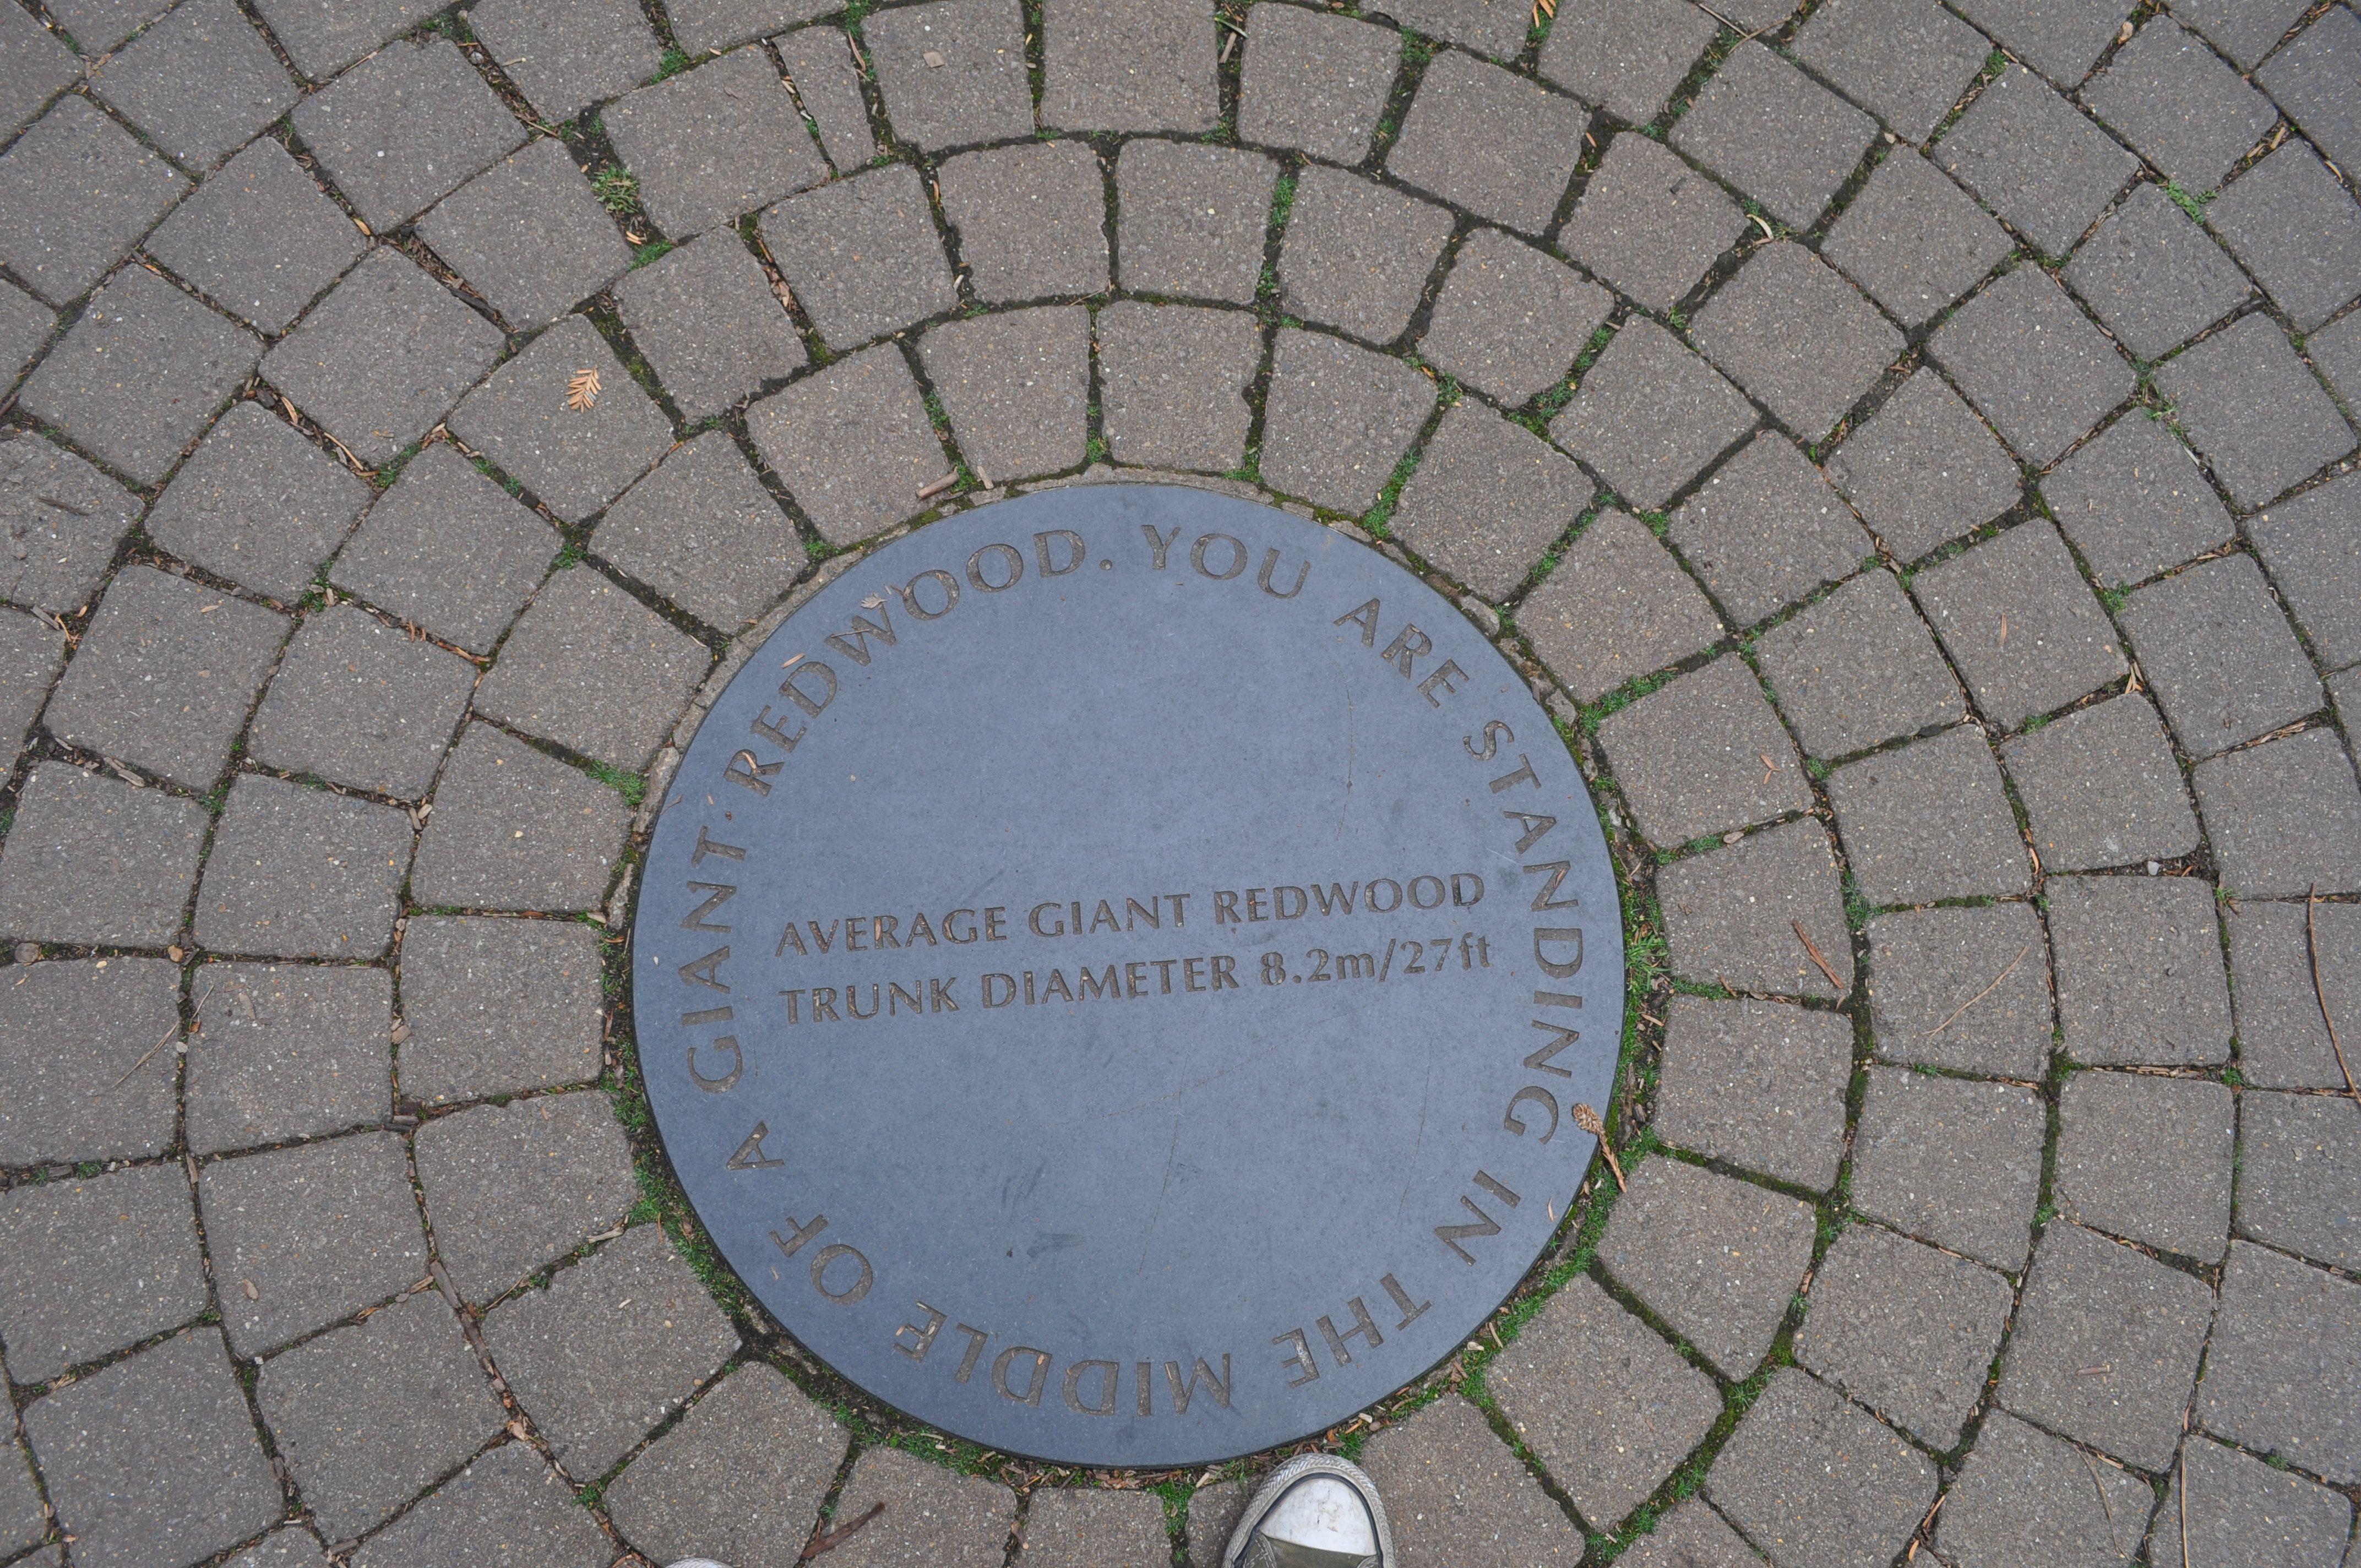 ÄLYMETSÄ on paikka, jossa voi kulkea pitkin erilaista luontopolkua. Polulle asetetut infotaulut kertovat kasvien ihmeellisista kyvyistä ja ominaisuuksista. Esimerkiksi: Verrataan puita ihmisen rakentamiin pilvenpiirtäjiin - suhteessa yhtä korkea ja kapea pilvenpiirtäjä ei voisi pysyä pystyssä. Taulun QR-koodi antaa lisää tietoa aiheesta. Kuvan aukio sijaitsee Lontoon Kew Gardenissa.